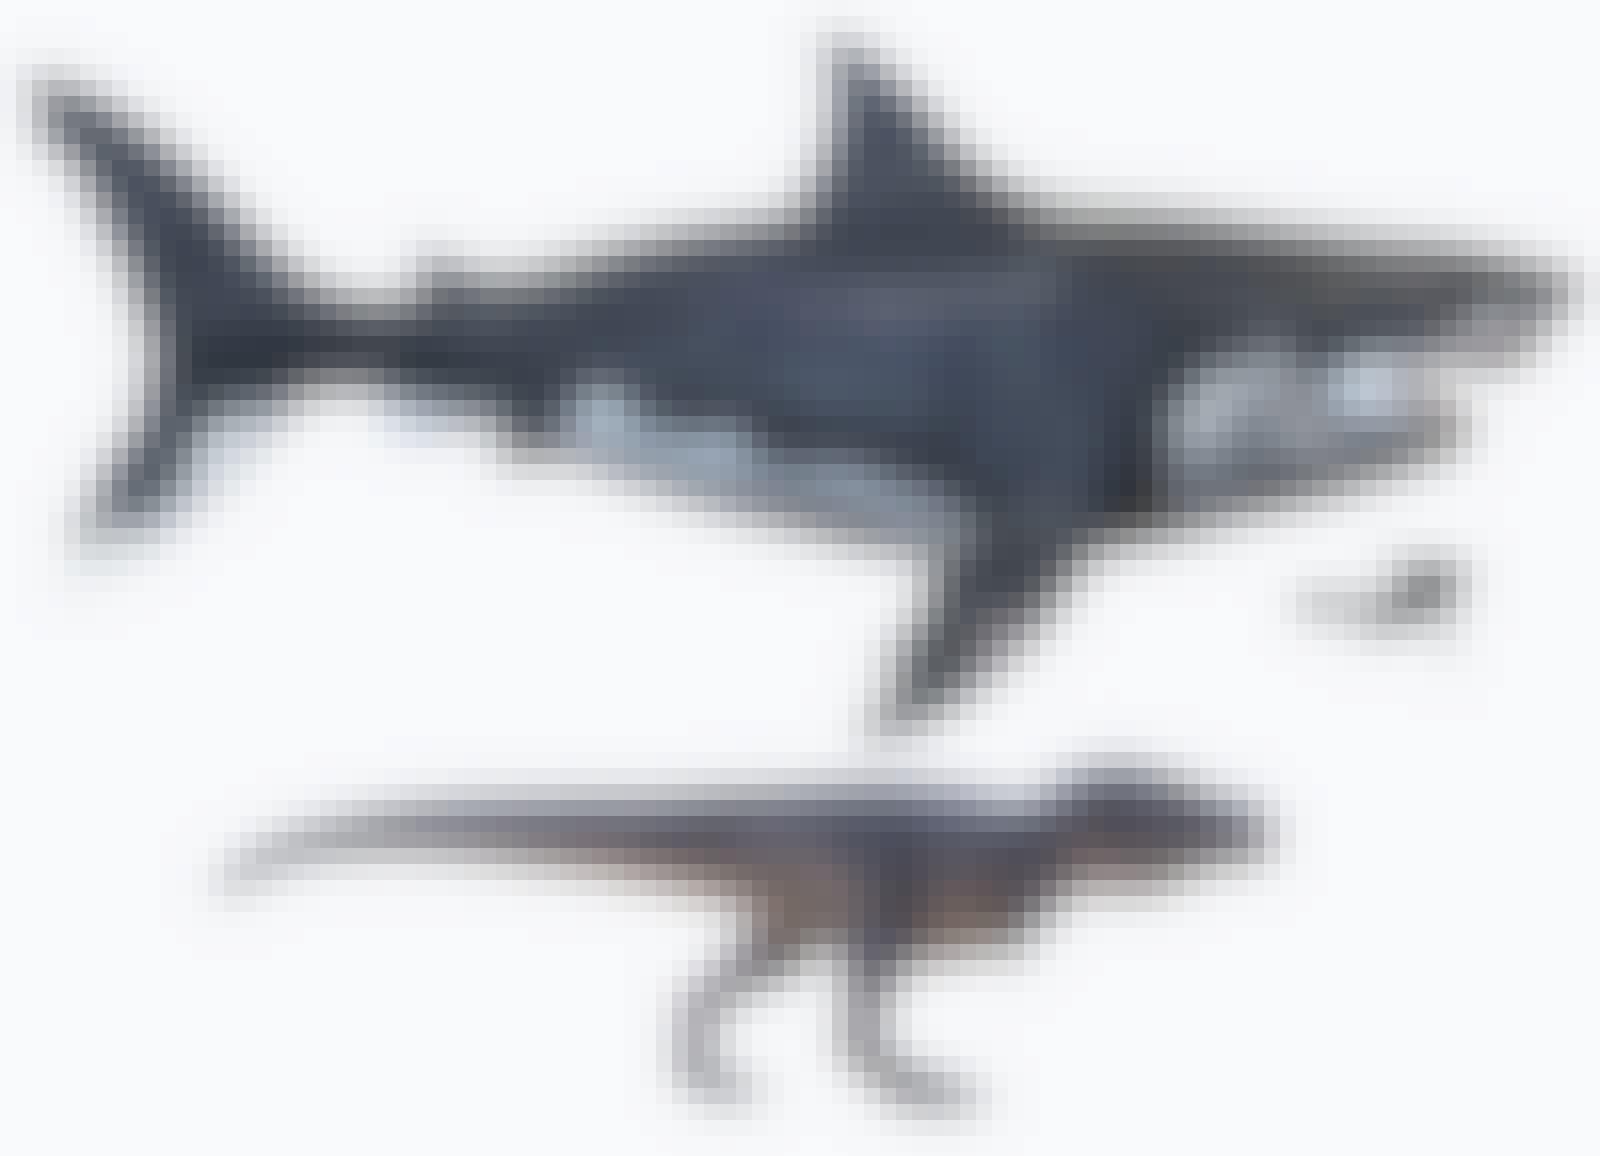 T. rex ja kaikkien aikojen suurin peto